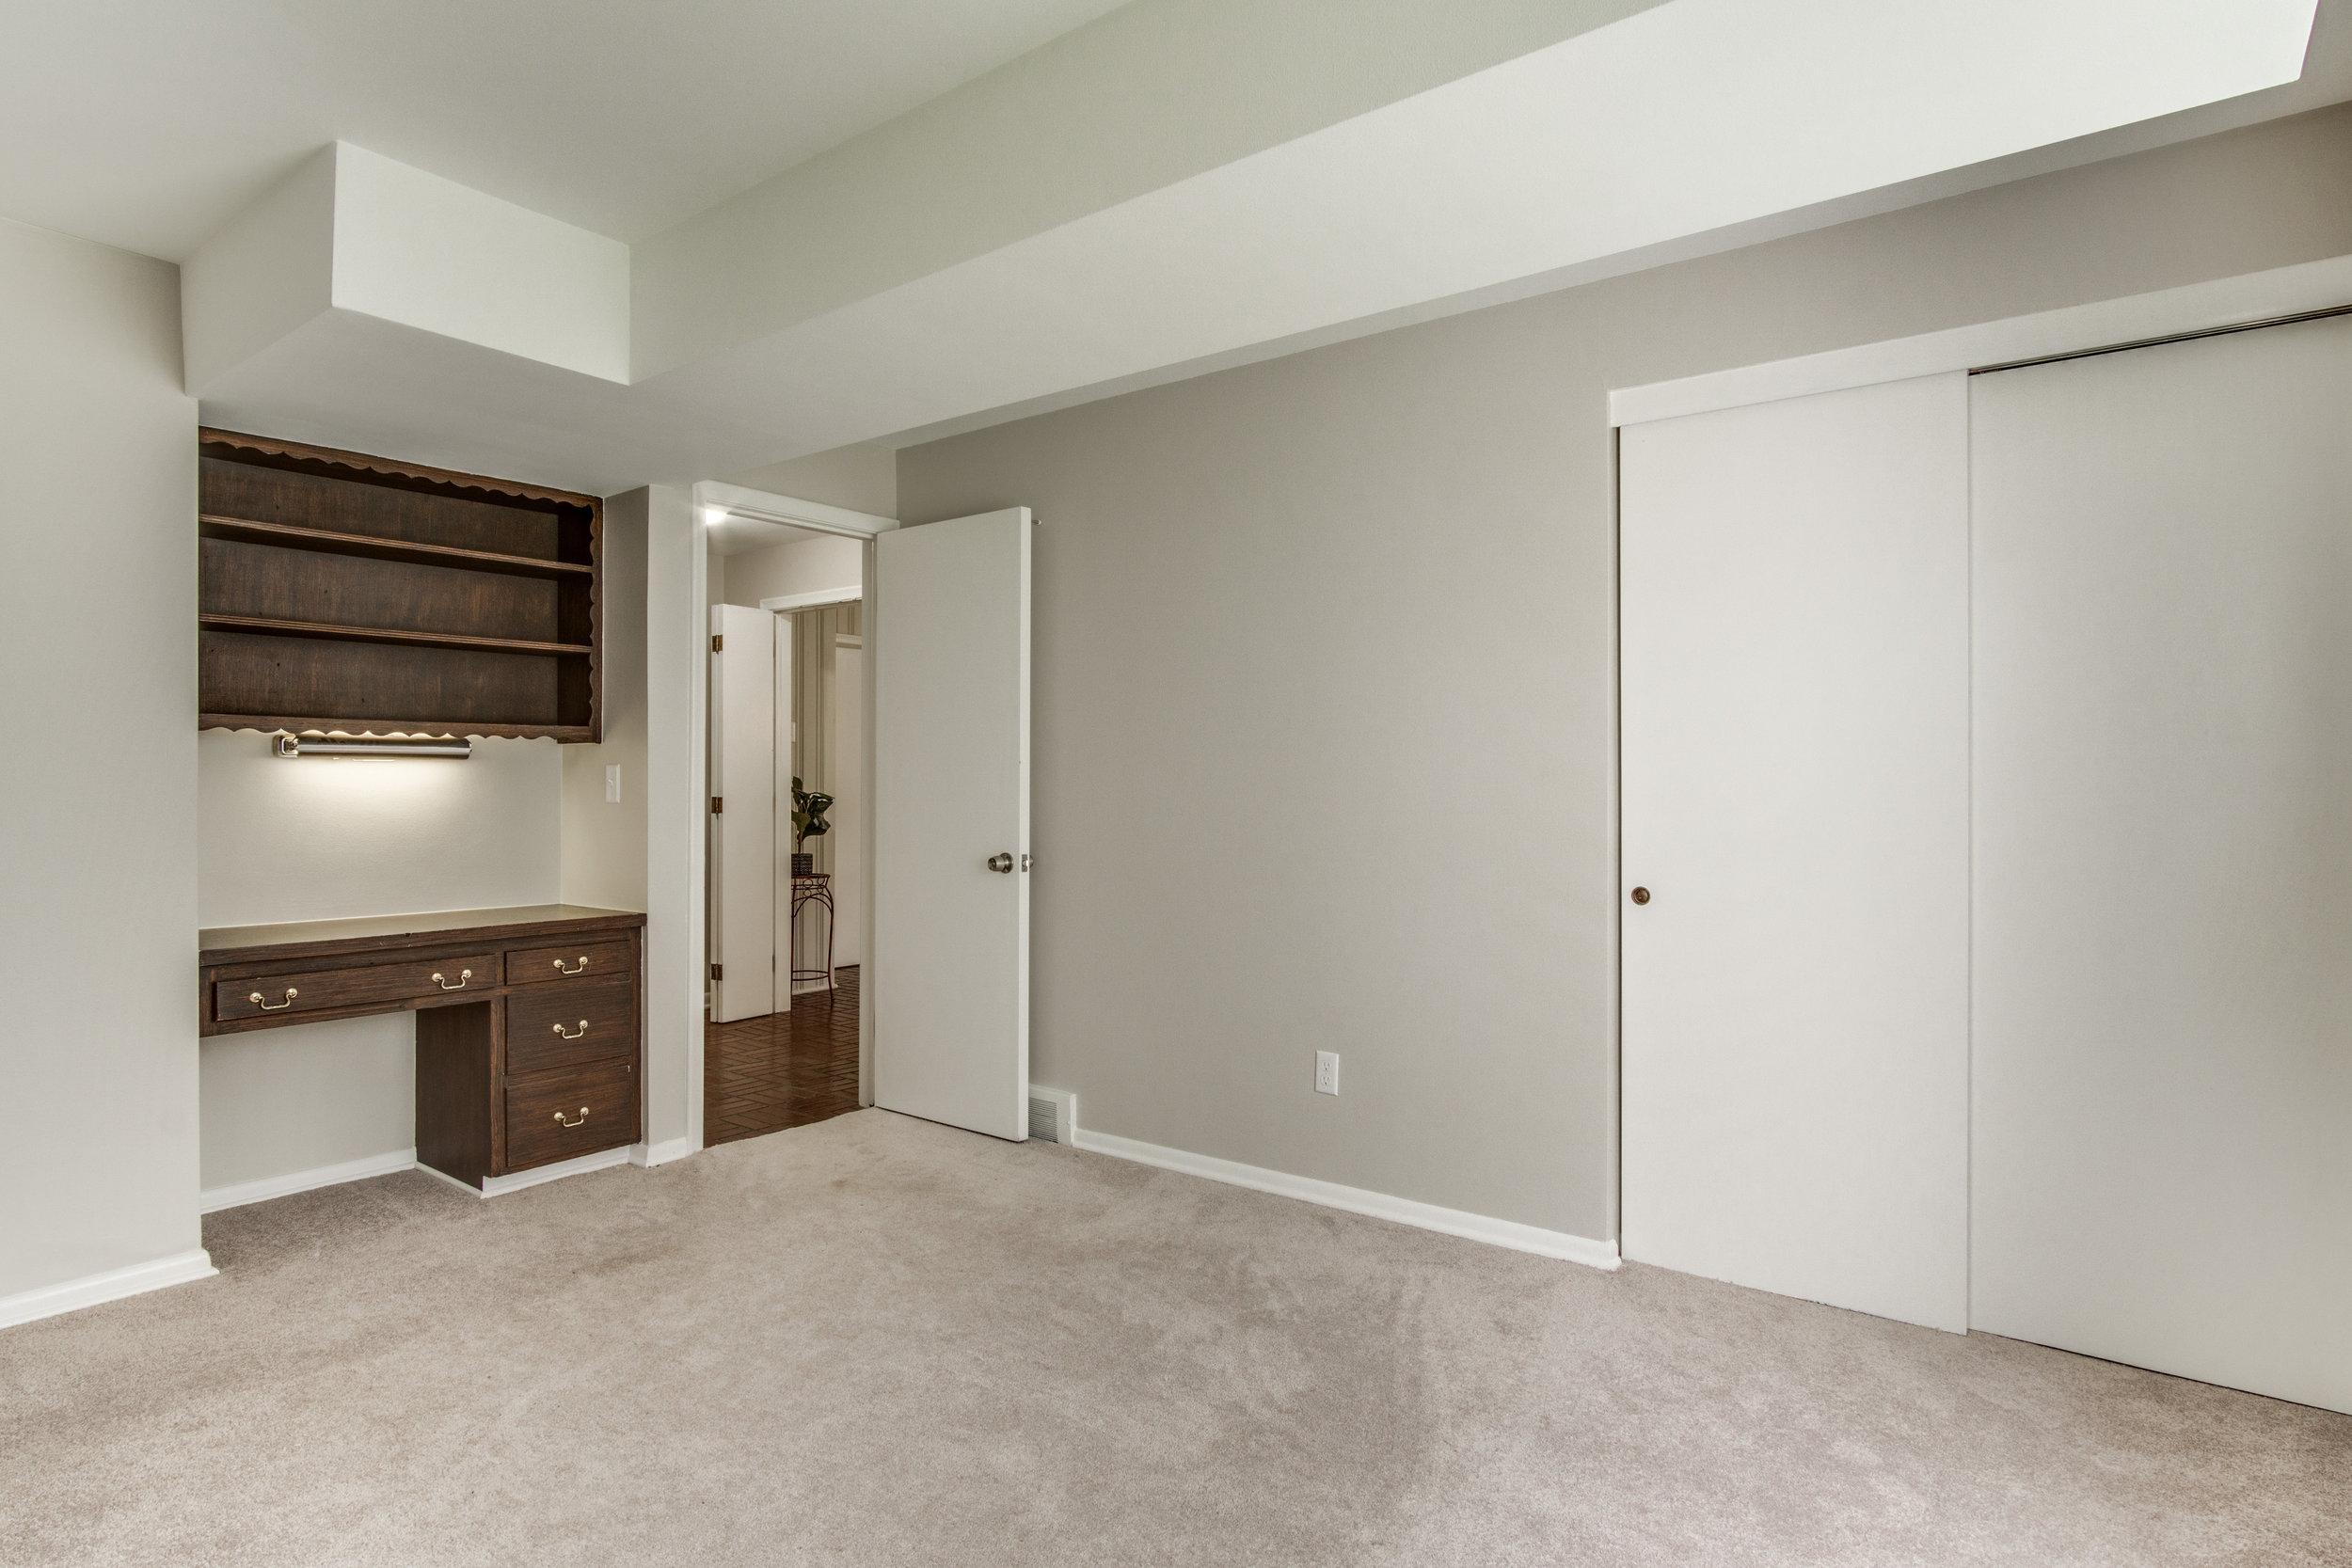 Interiors (55 of 57).jpg